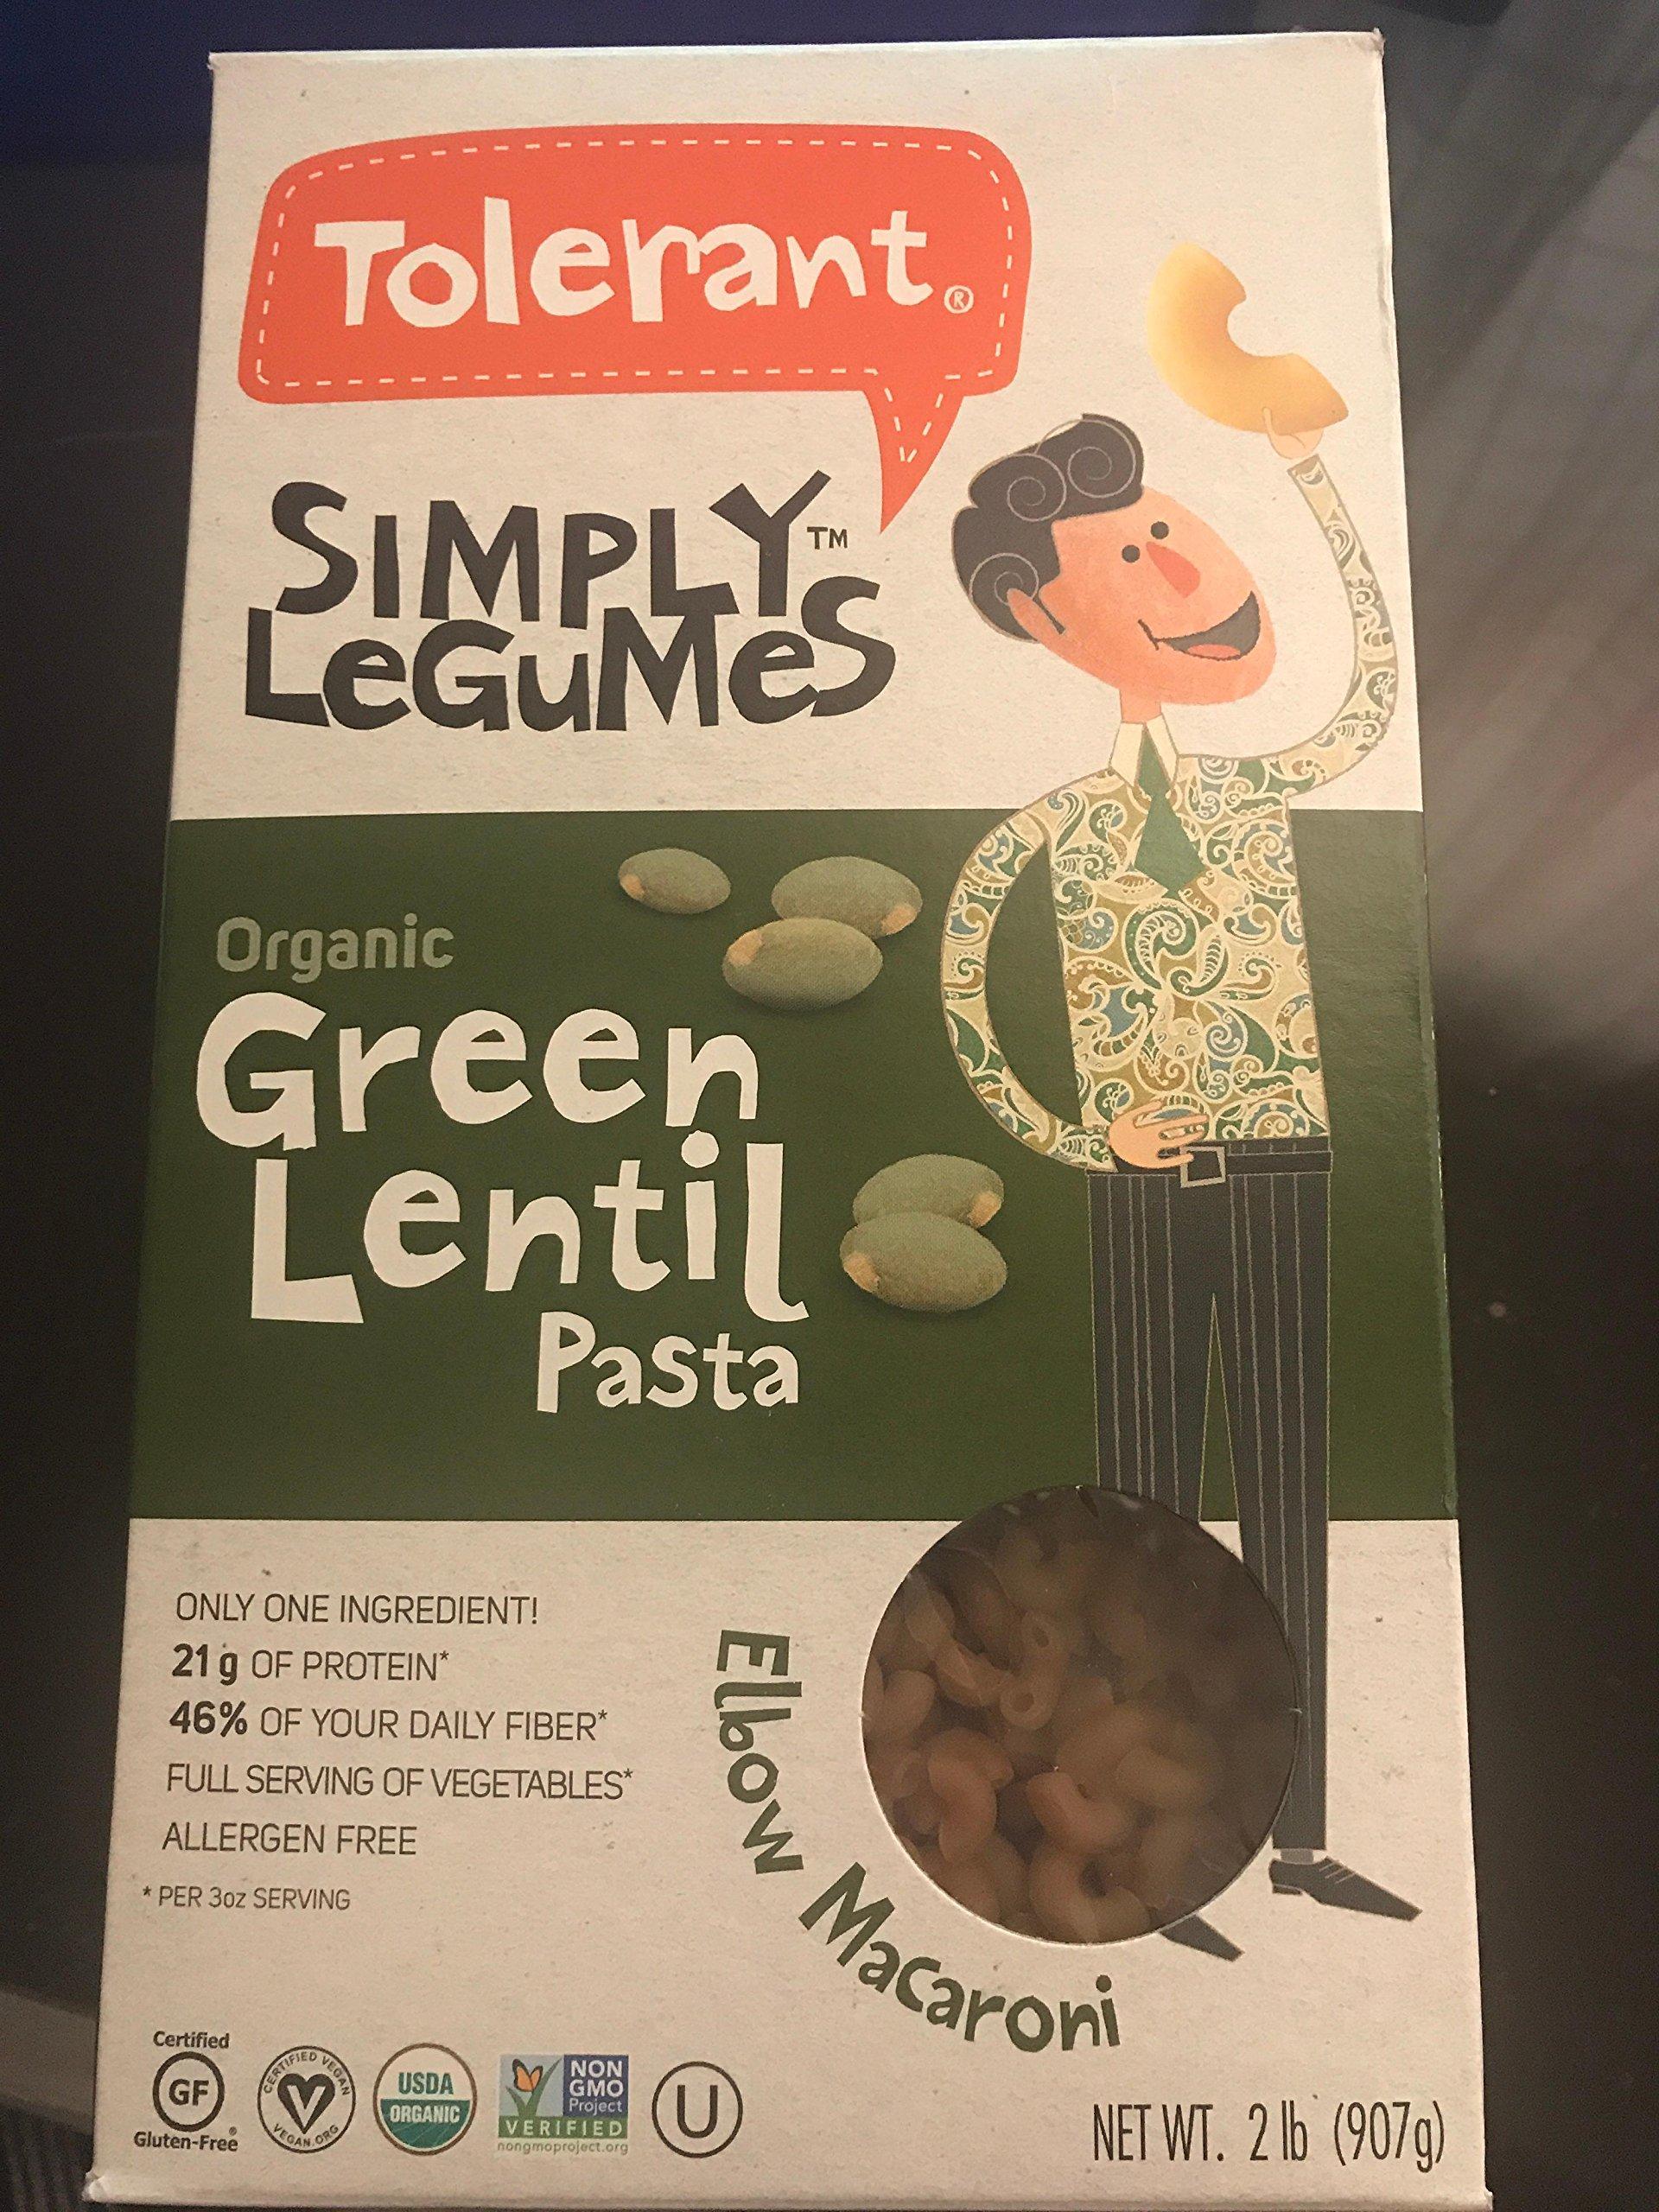 Tolerant simply legumes organic green lentil pasta 2 lb. ( 907g)